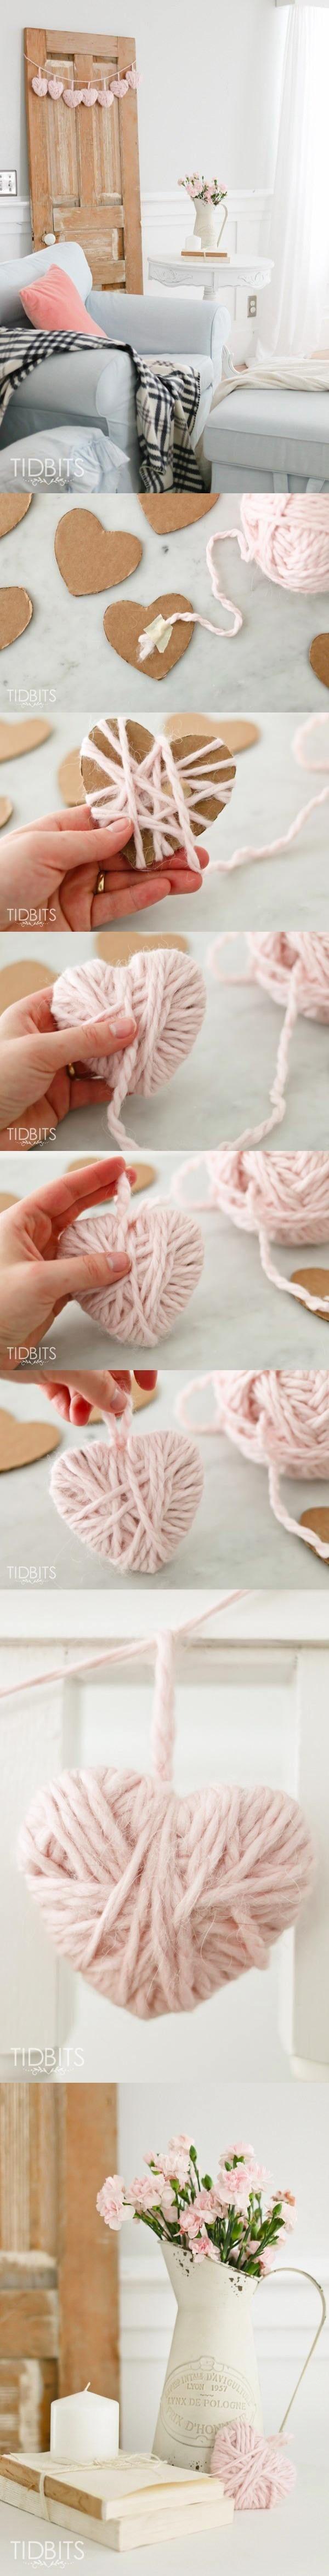 Decora con corazones de lana DIY - tidbits-cami.com - DIY Valentine Yarn Heart